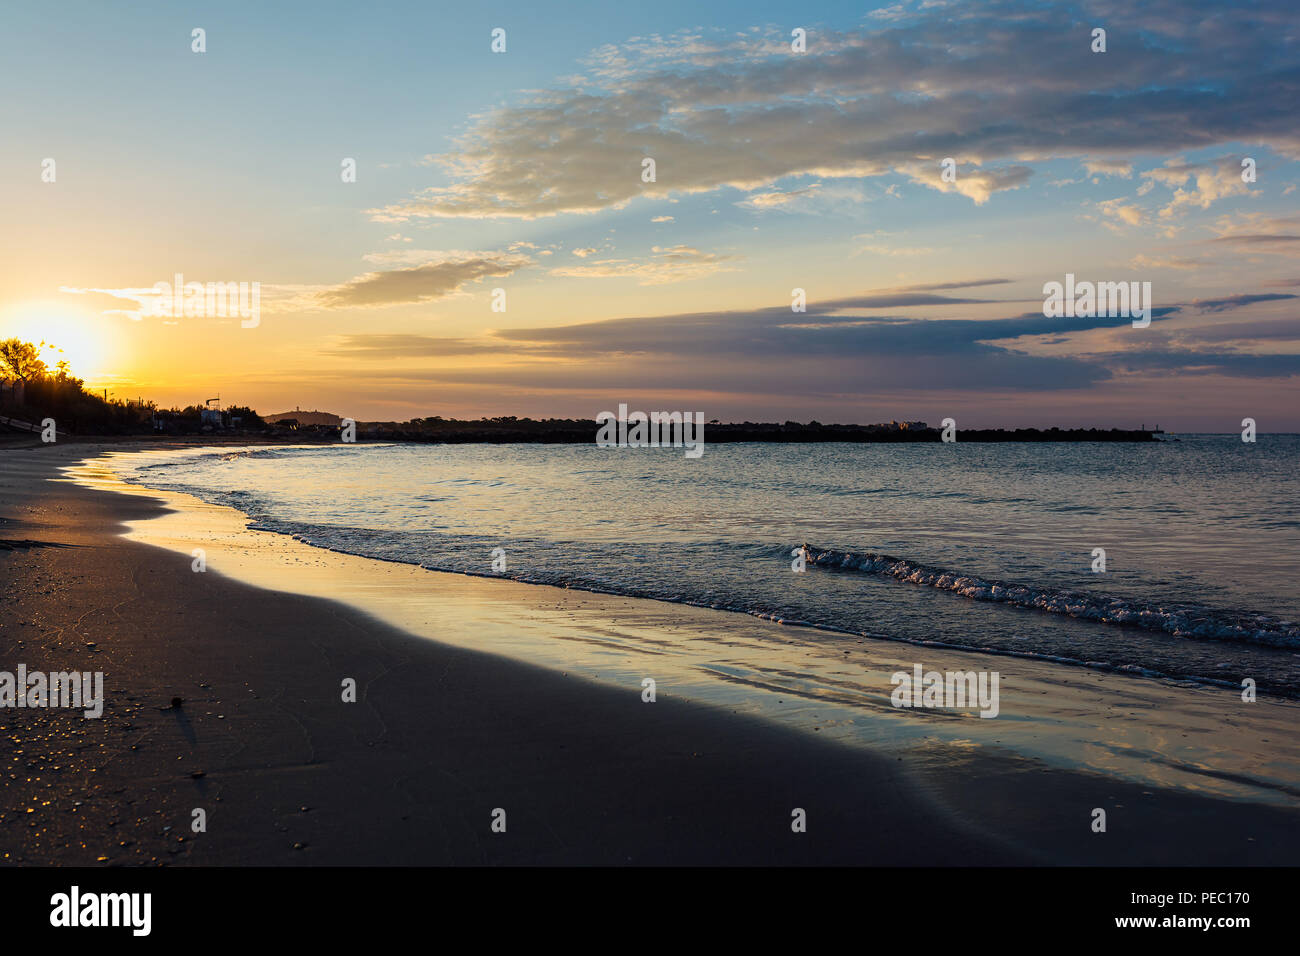 Amanecer en una playa en el mar Mediterráneo, al sur de Francia. Foto de stock